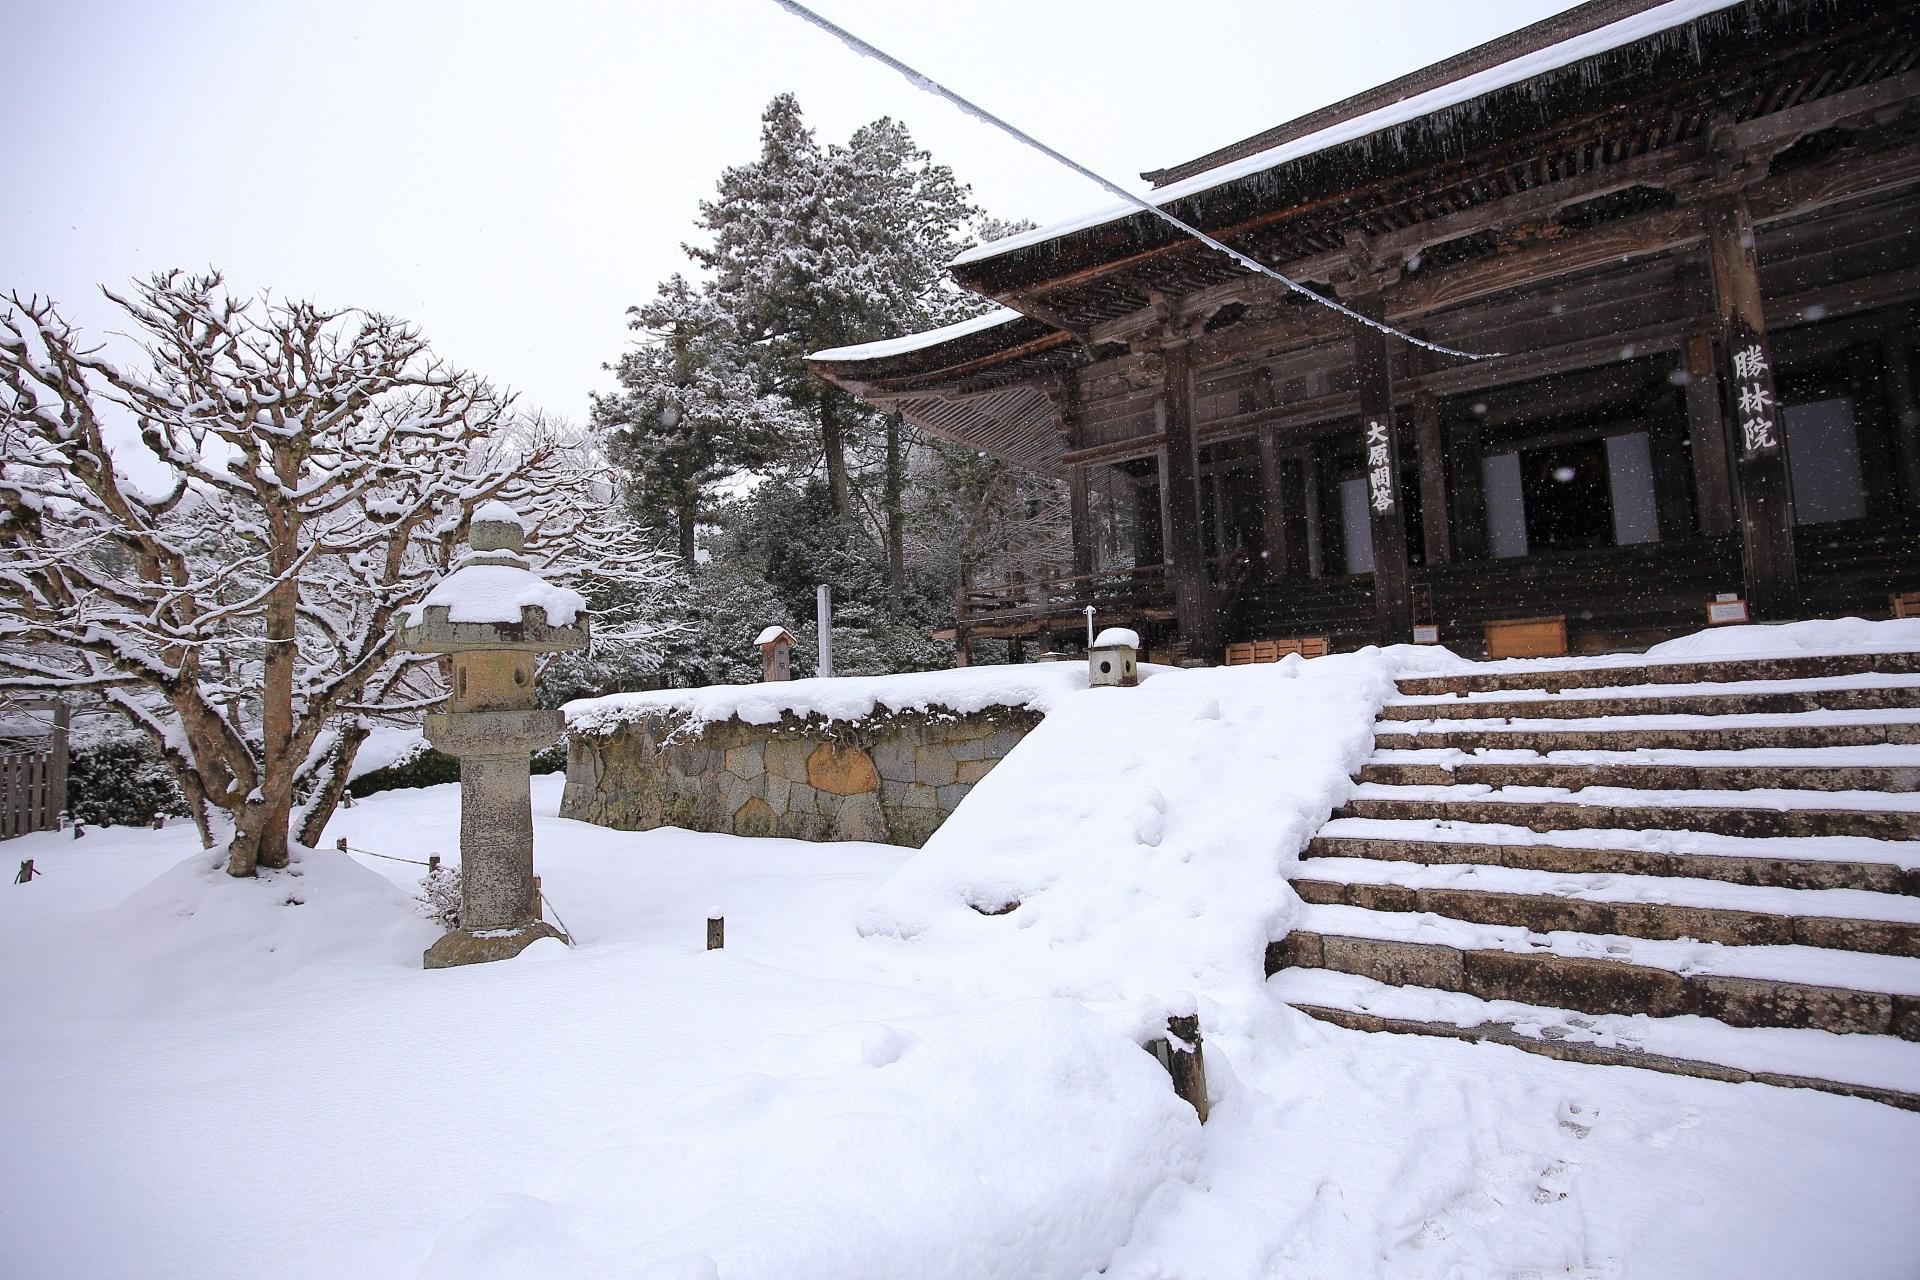 雪がいっぱいの勝林院の本堂